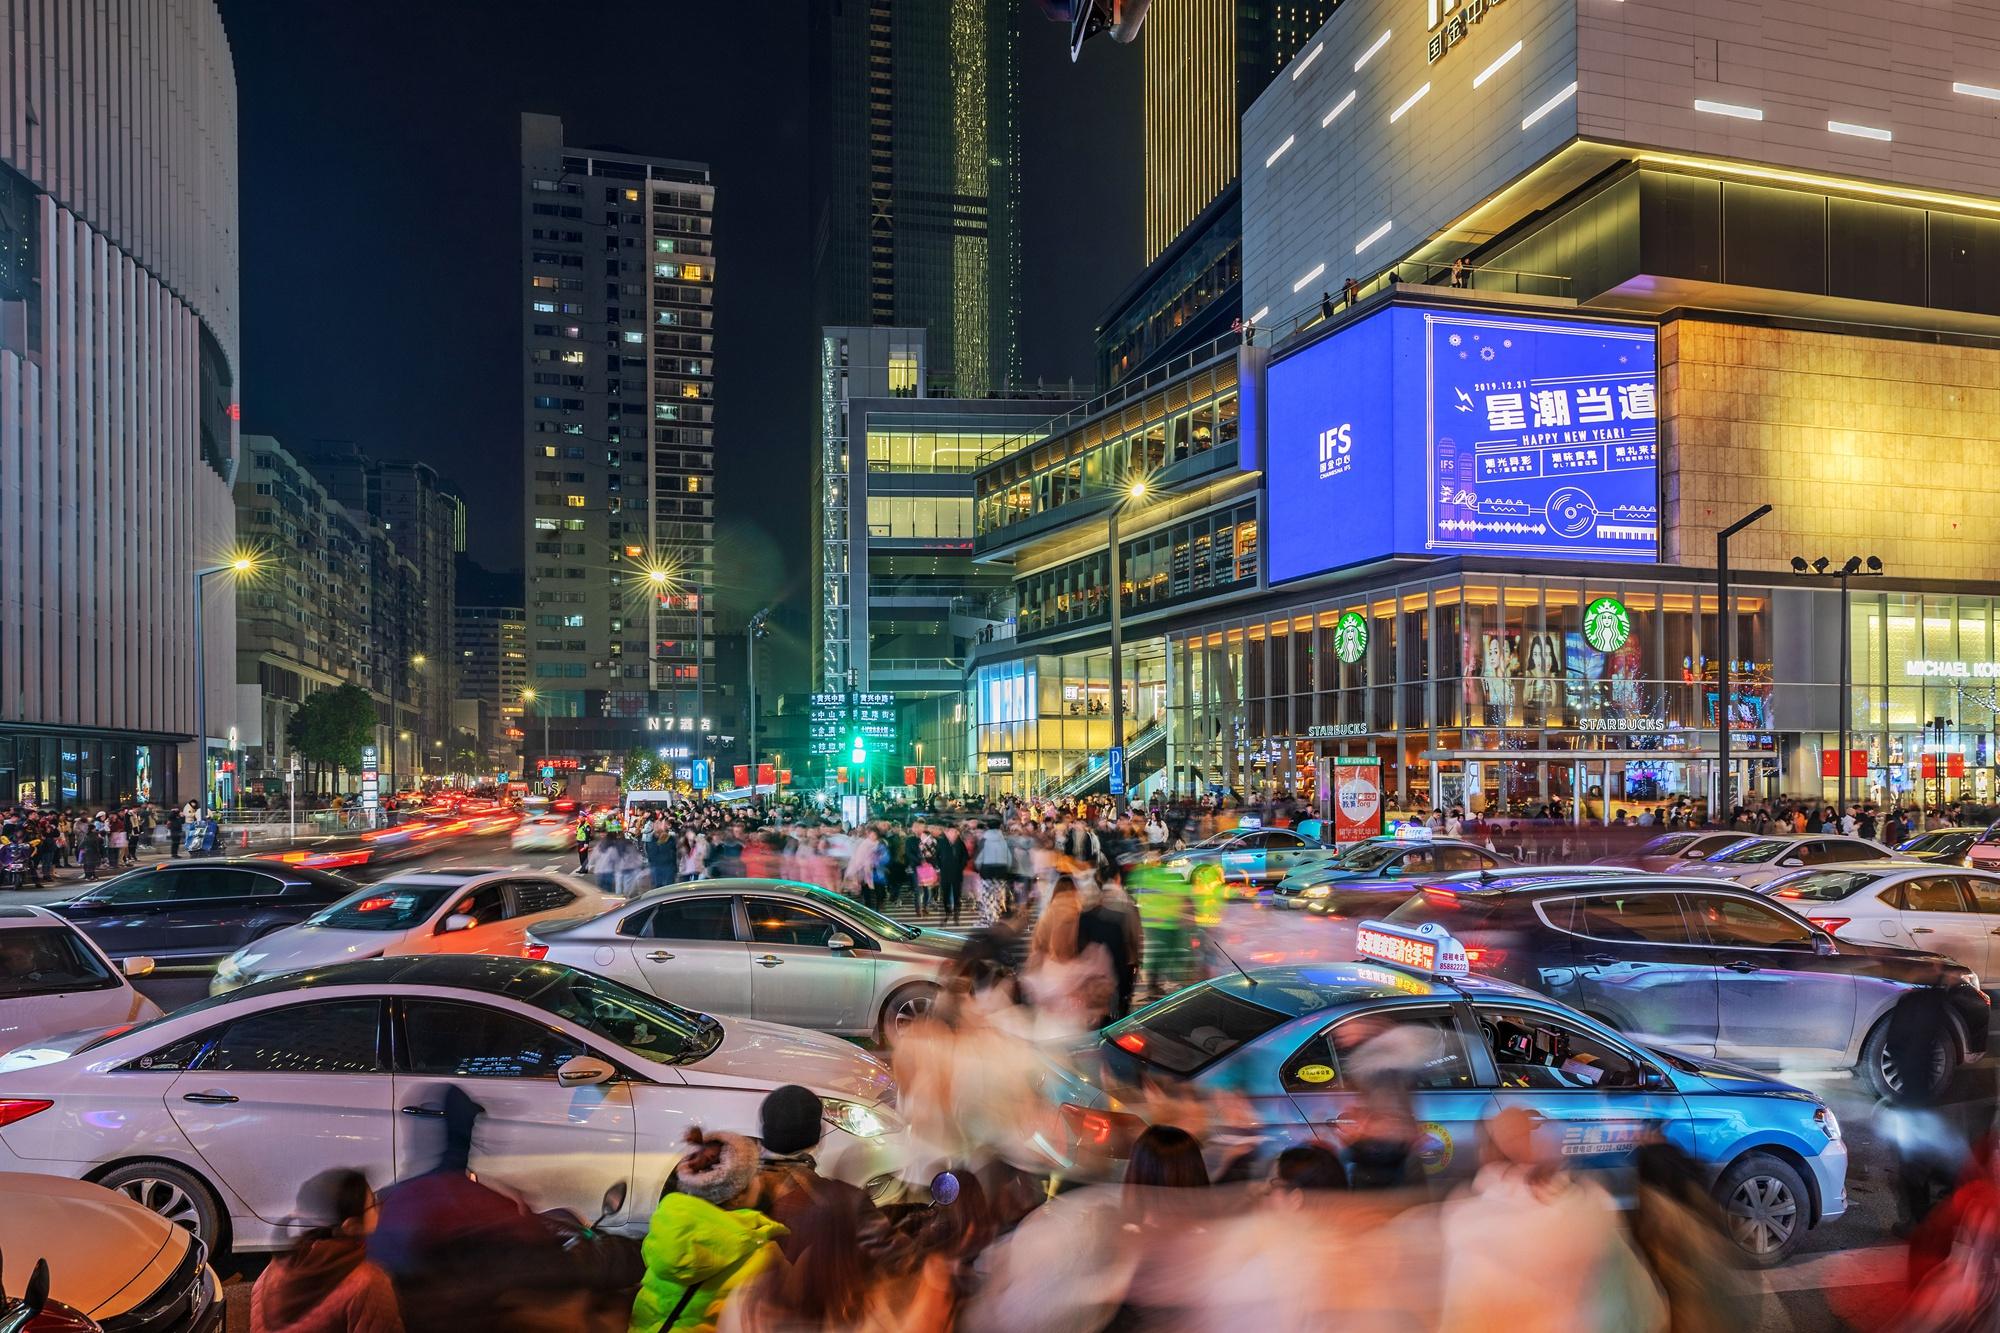 【27号作品:车水马龙】 五一商圈,长沙最繁华的街市,入夜花灯璀璨、车水马龙、人头攒动,充满活力。